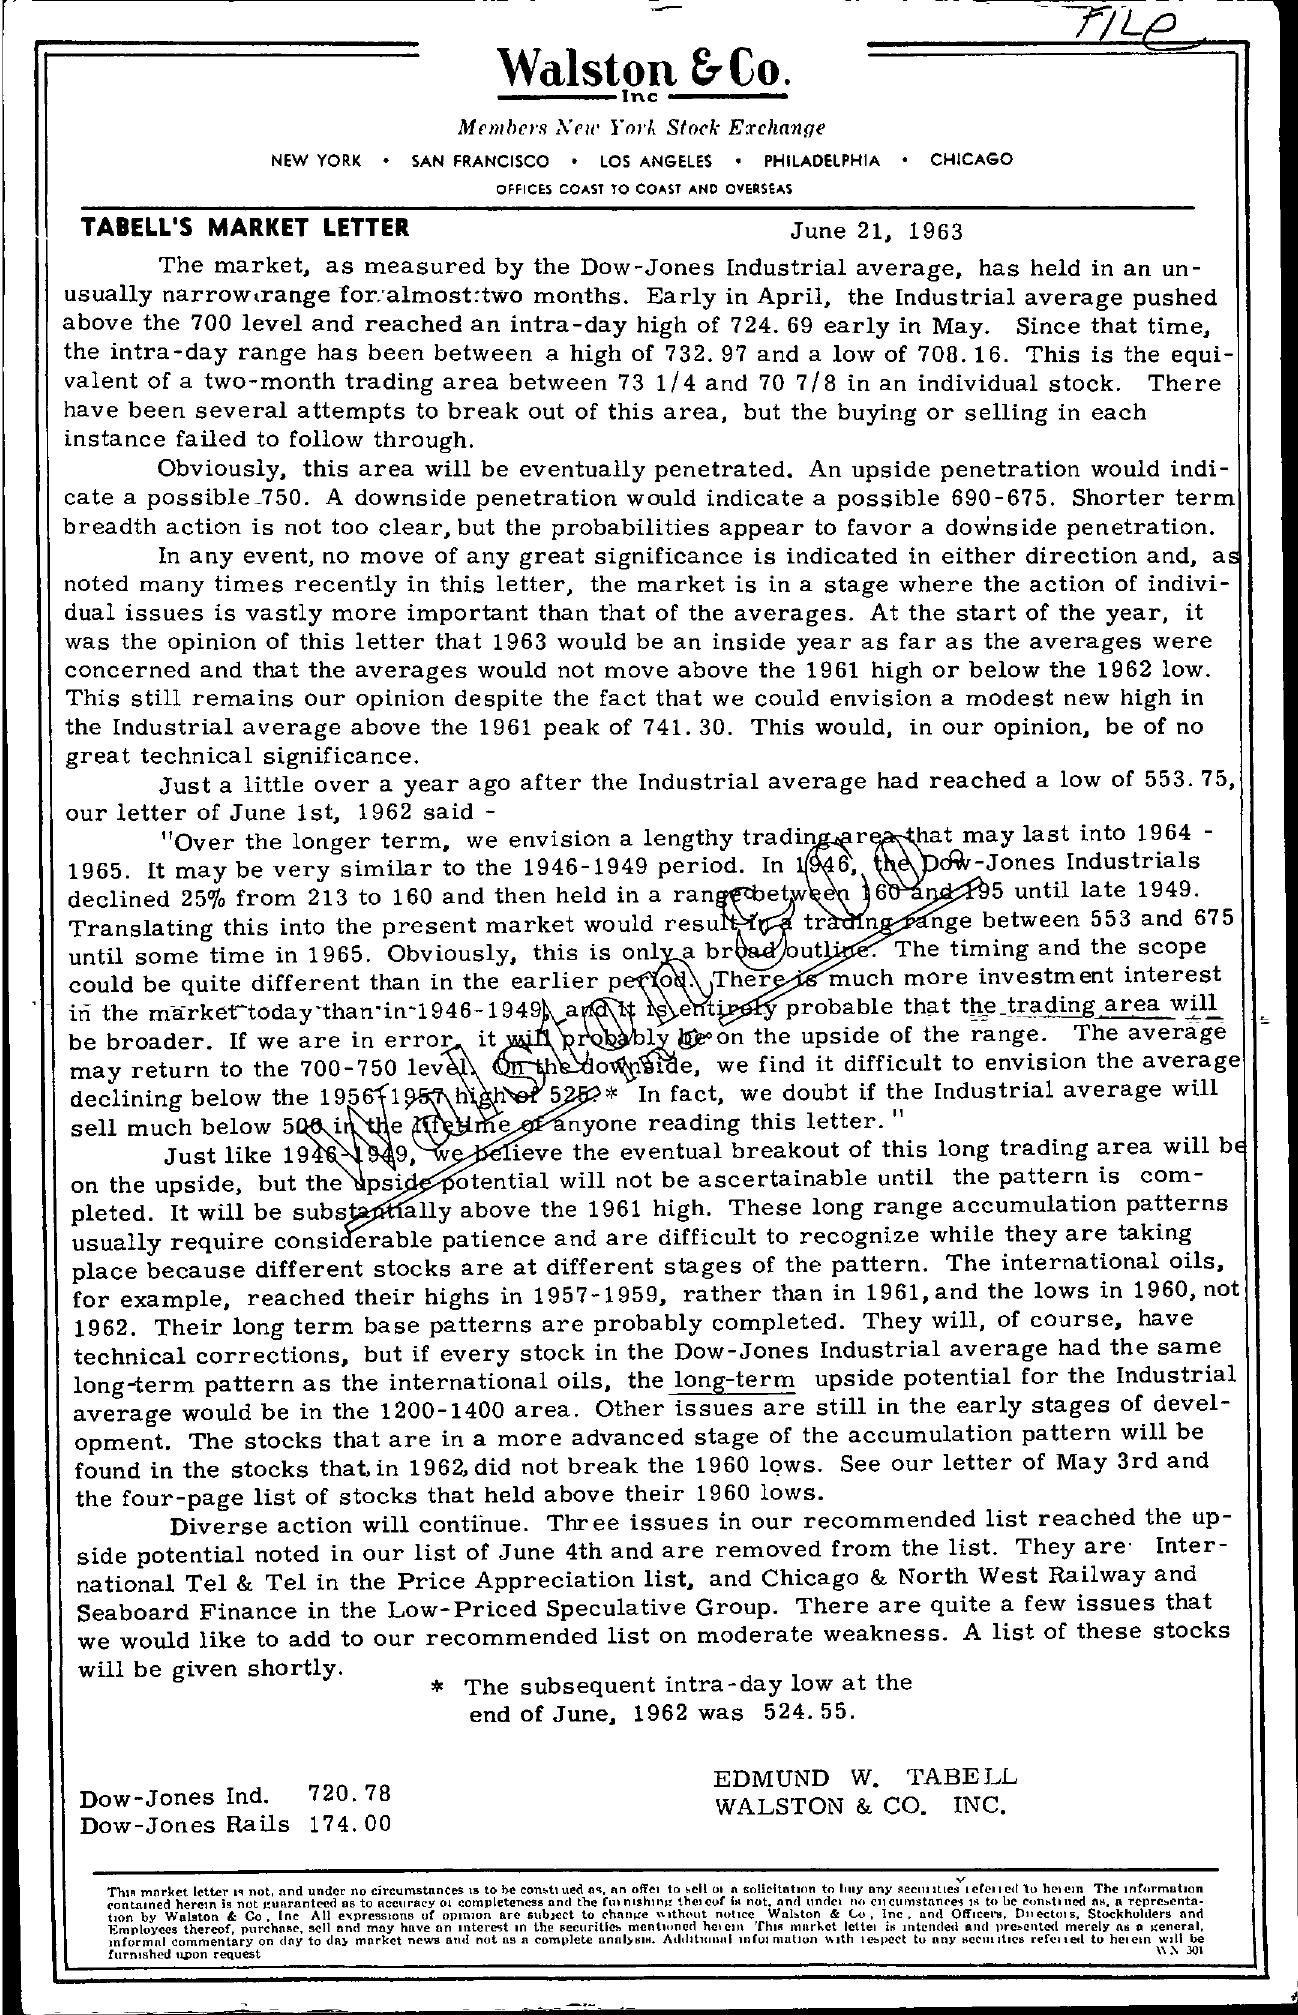 Tabell's Market Letter - June 21, 1963